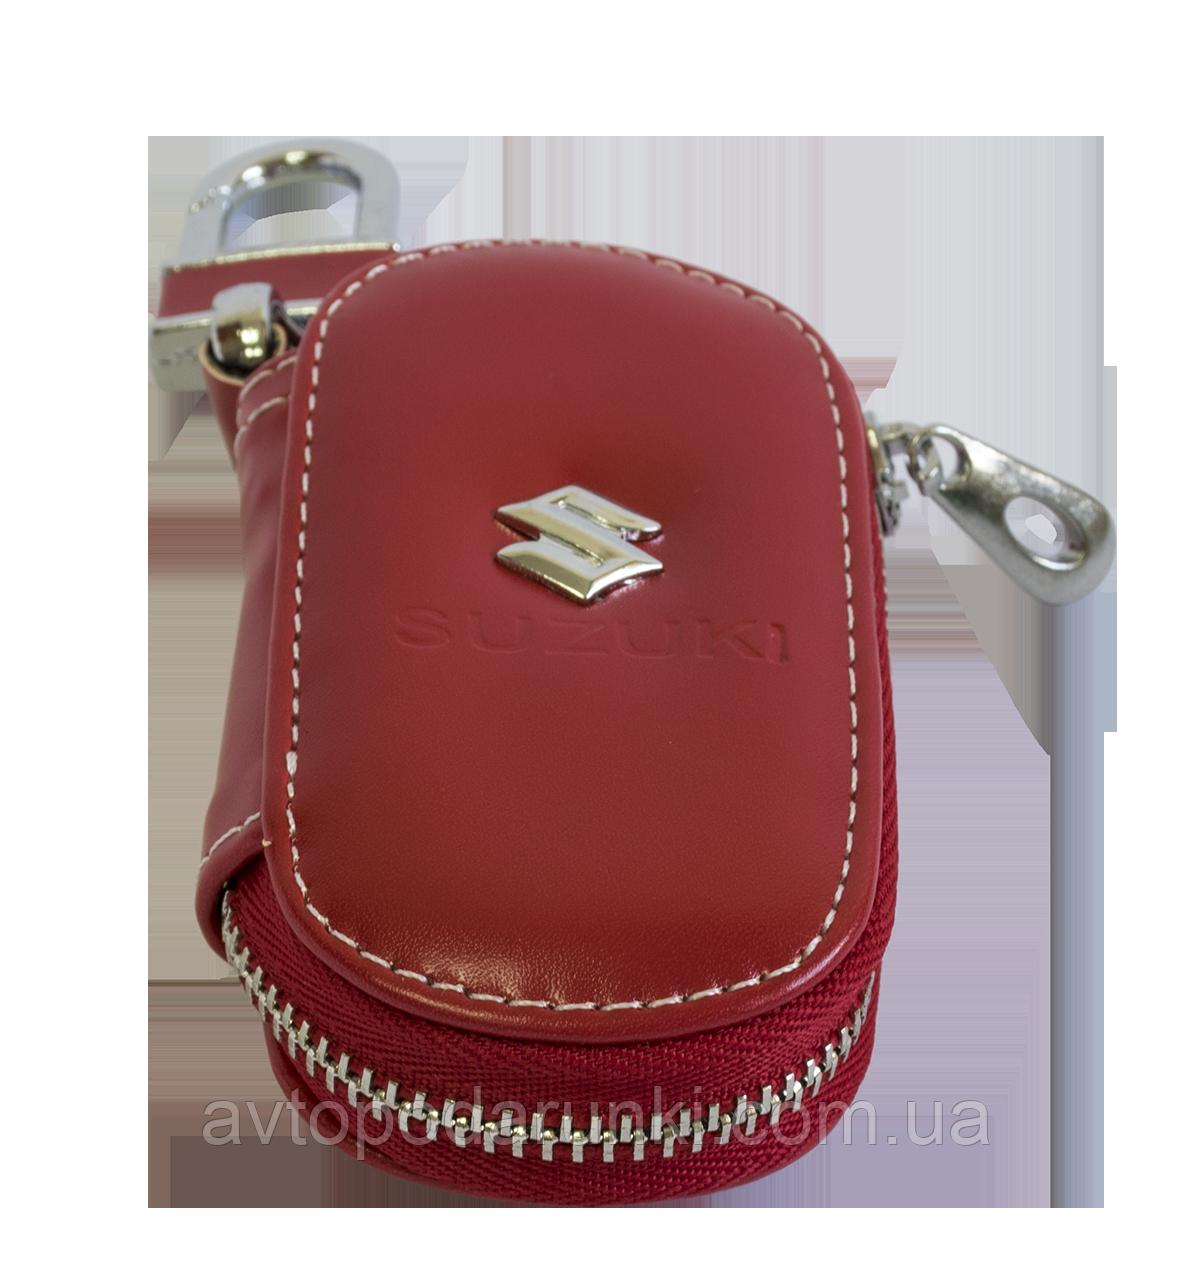 Ключница SUZUKI, кожаная автоключница с логотипом  СУЗУКИ (красная 24015)